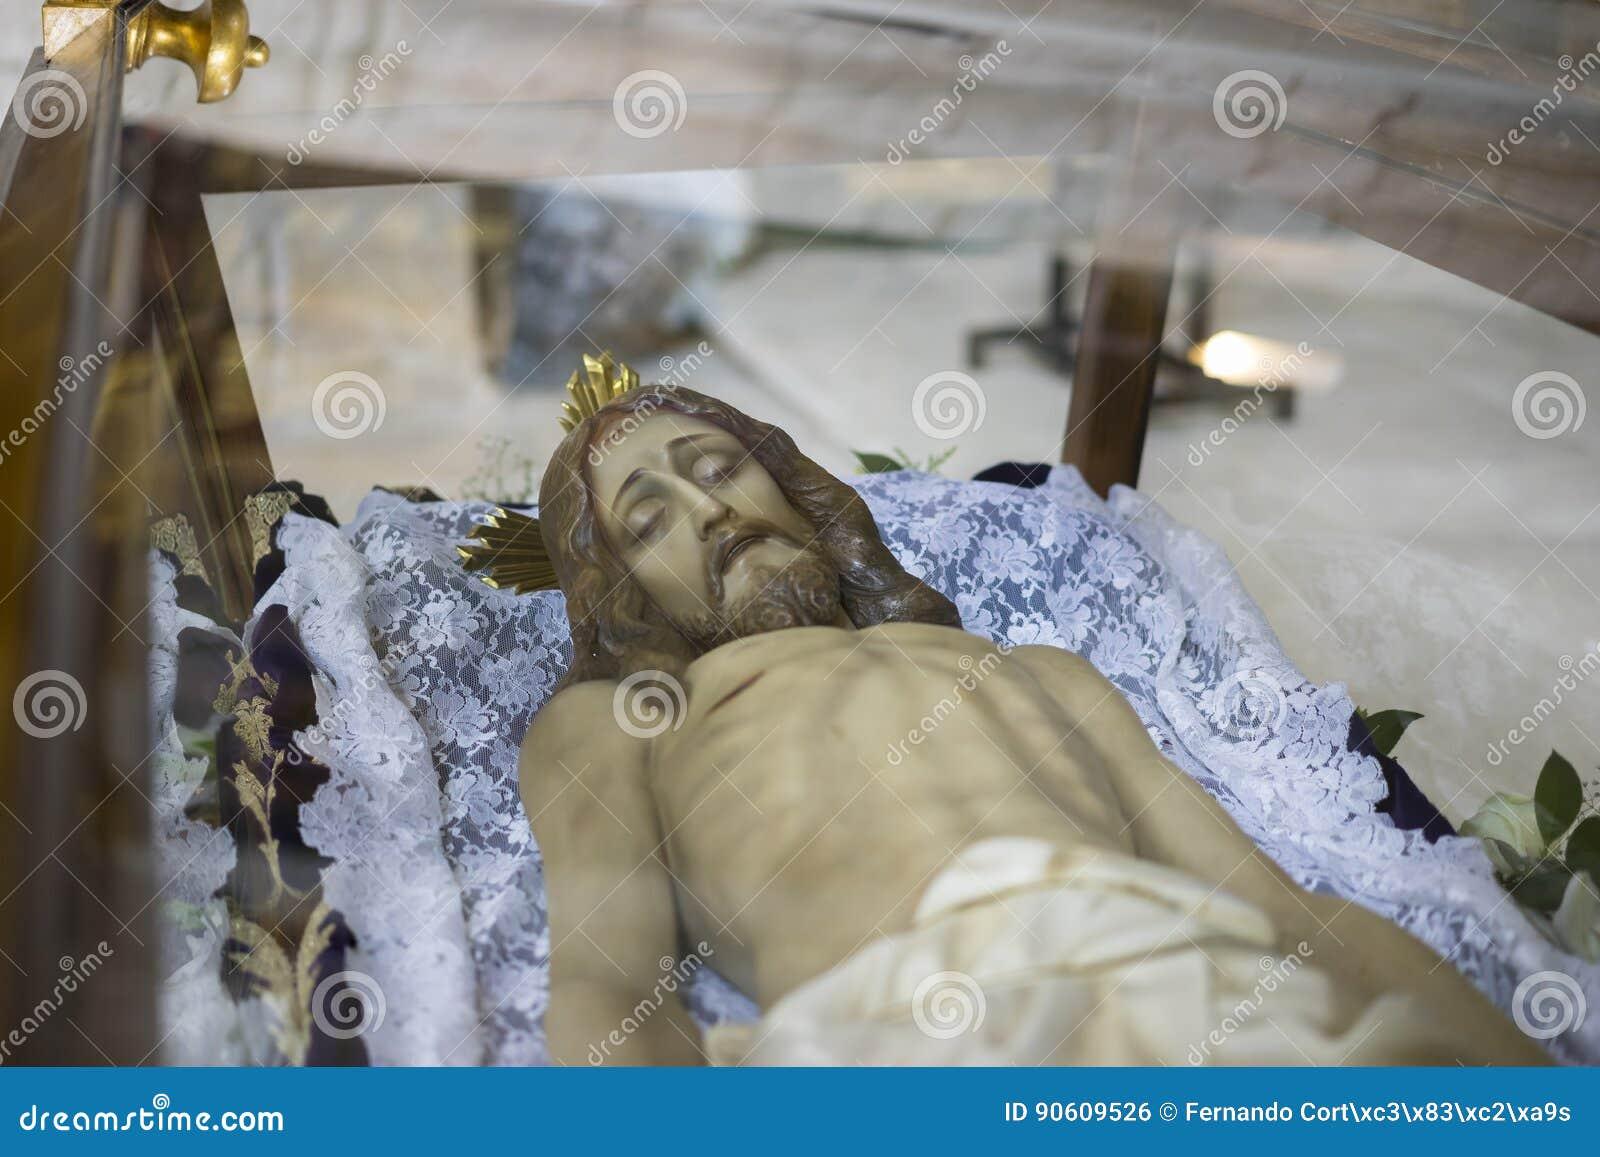 Liggande jesus christ helig vecka i Spanien, bilder av oskulder och beträffande